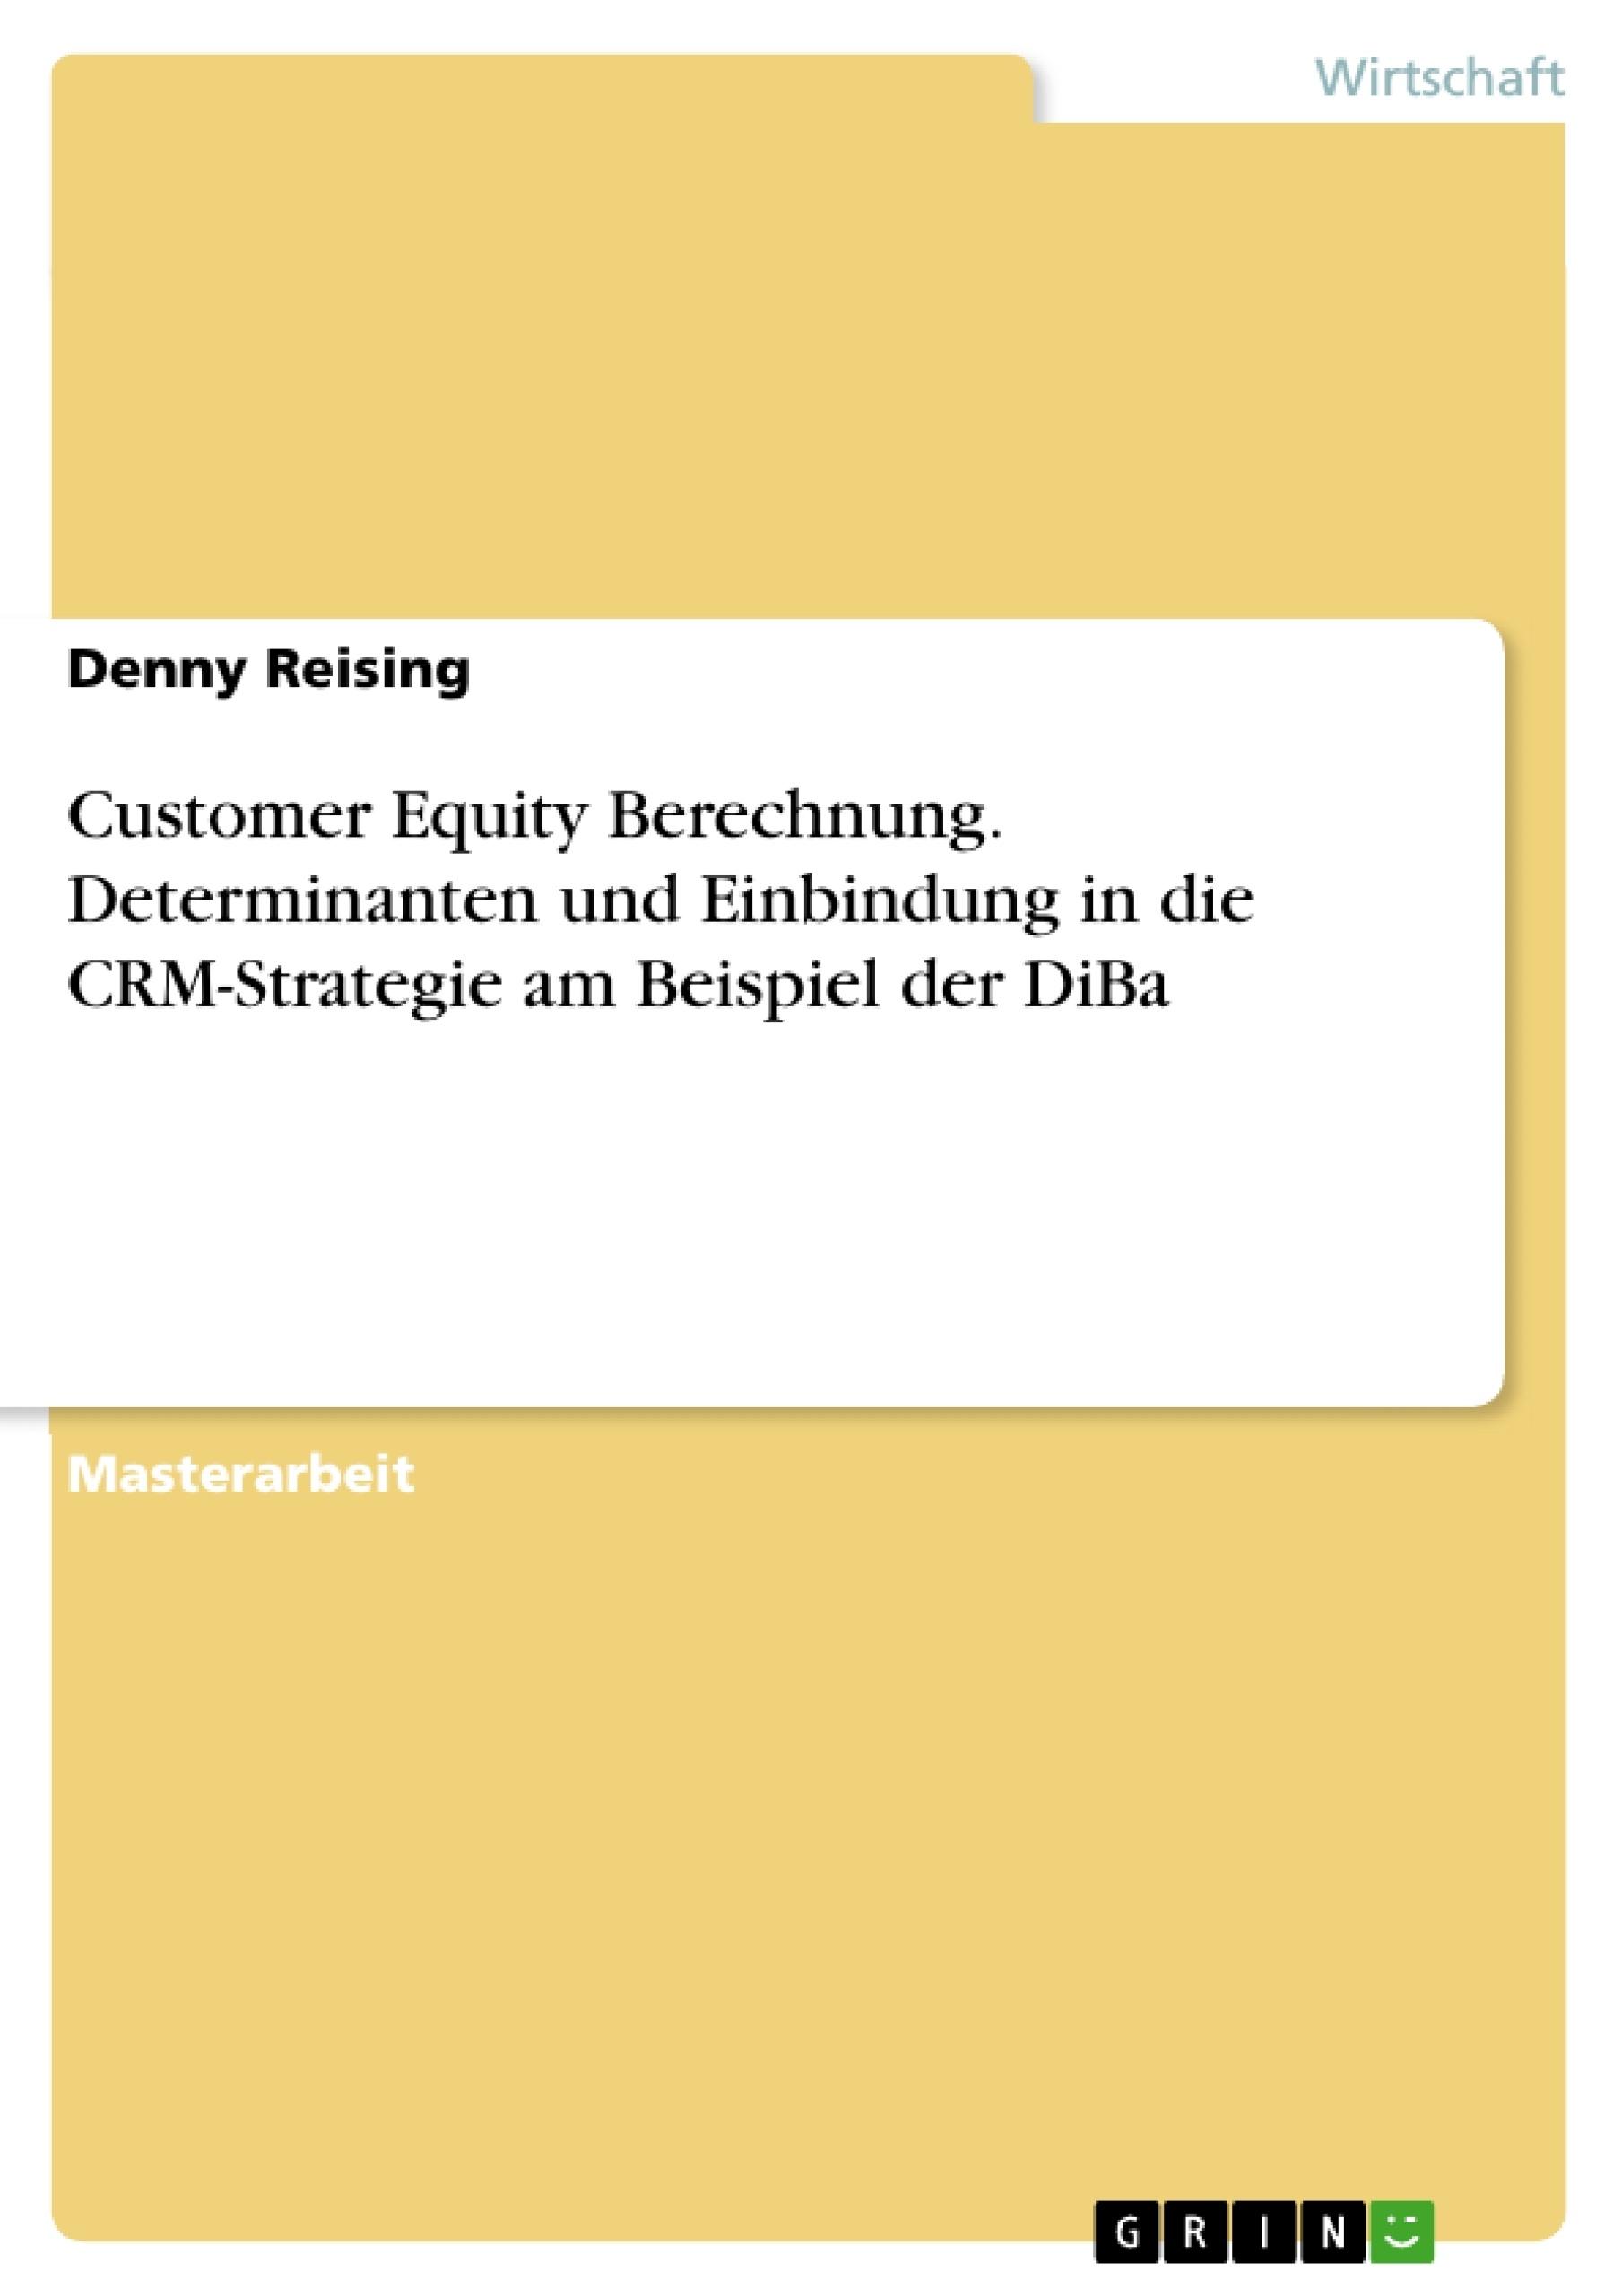 Titel: Customer Equity Berechnung. Determinanten und Einbindung in die CRM-Strategie am Beispiel der DiBa